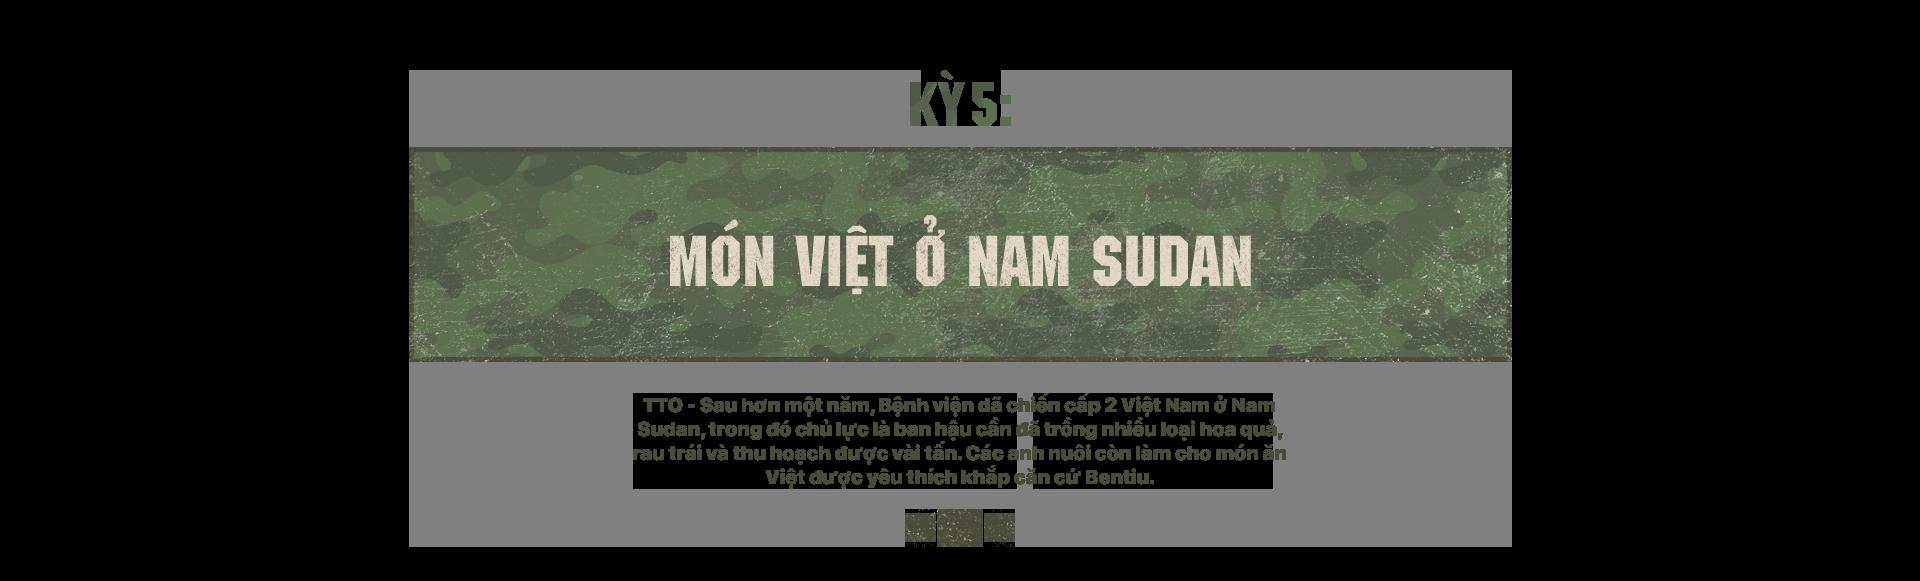 Kỳ 5: Món Việt ở Nam Sudan - Ảnh 1.